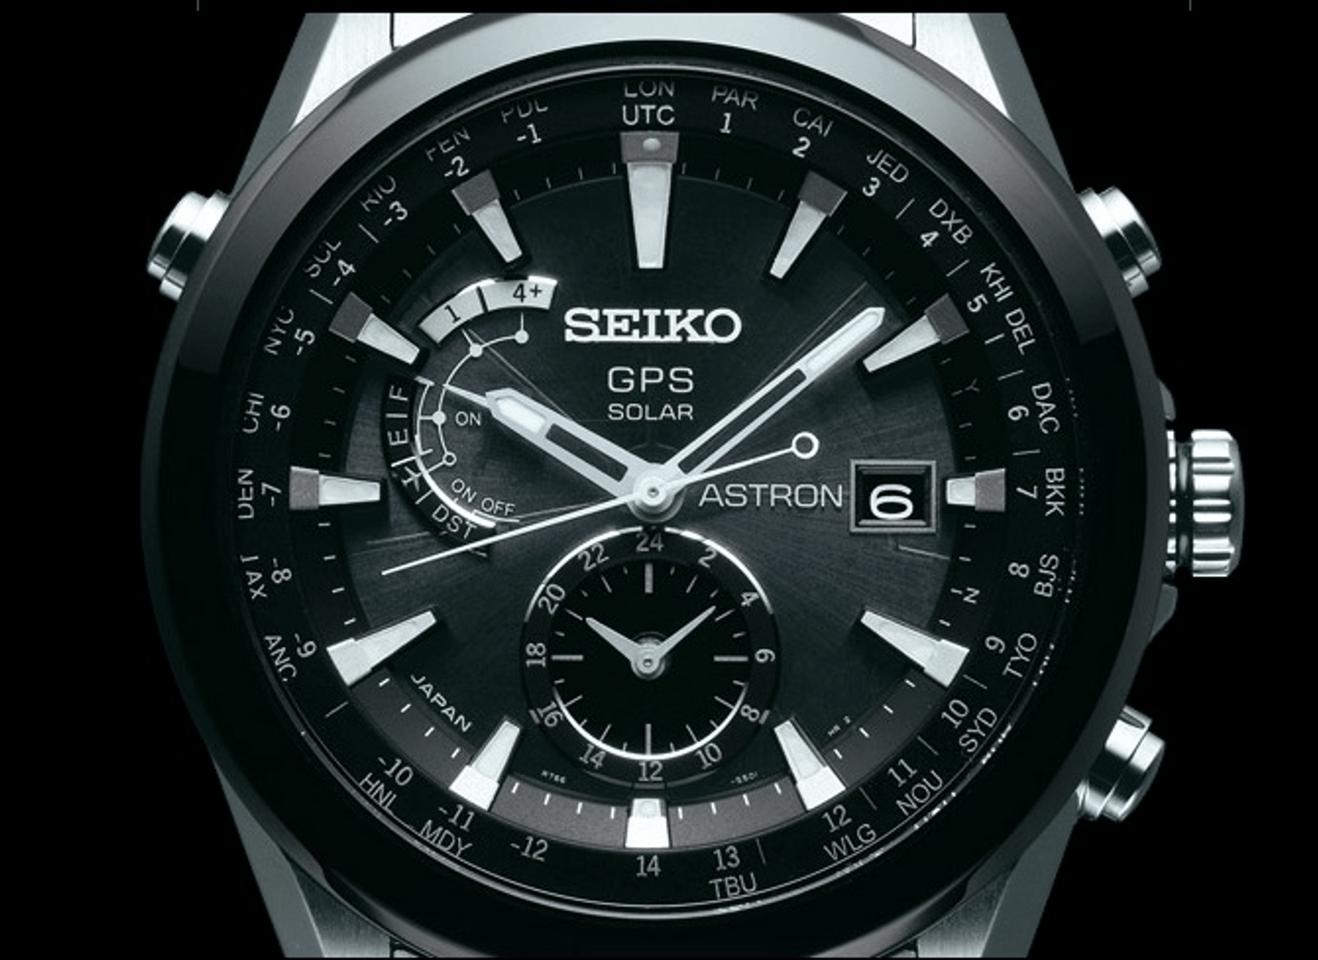 Seiko Astron (Photo: Seiko)